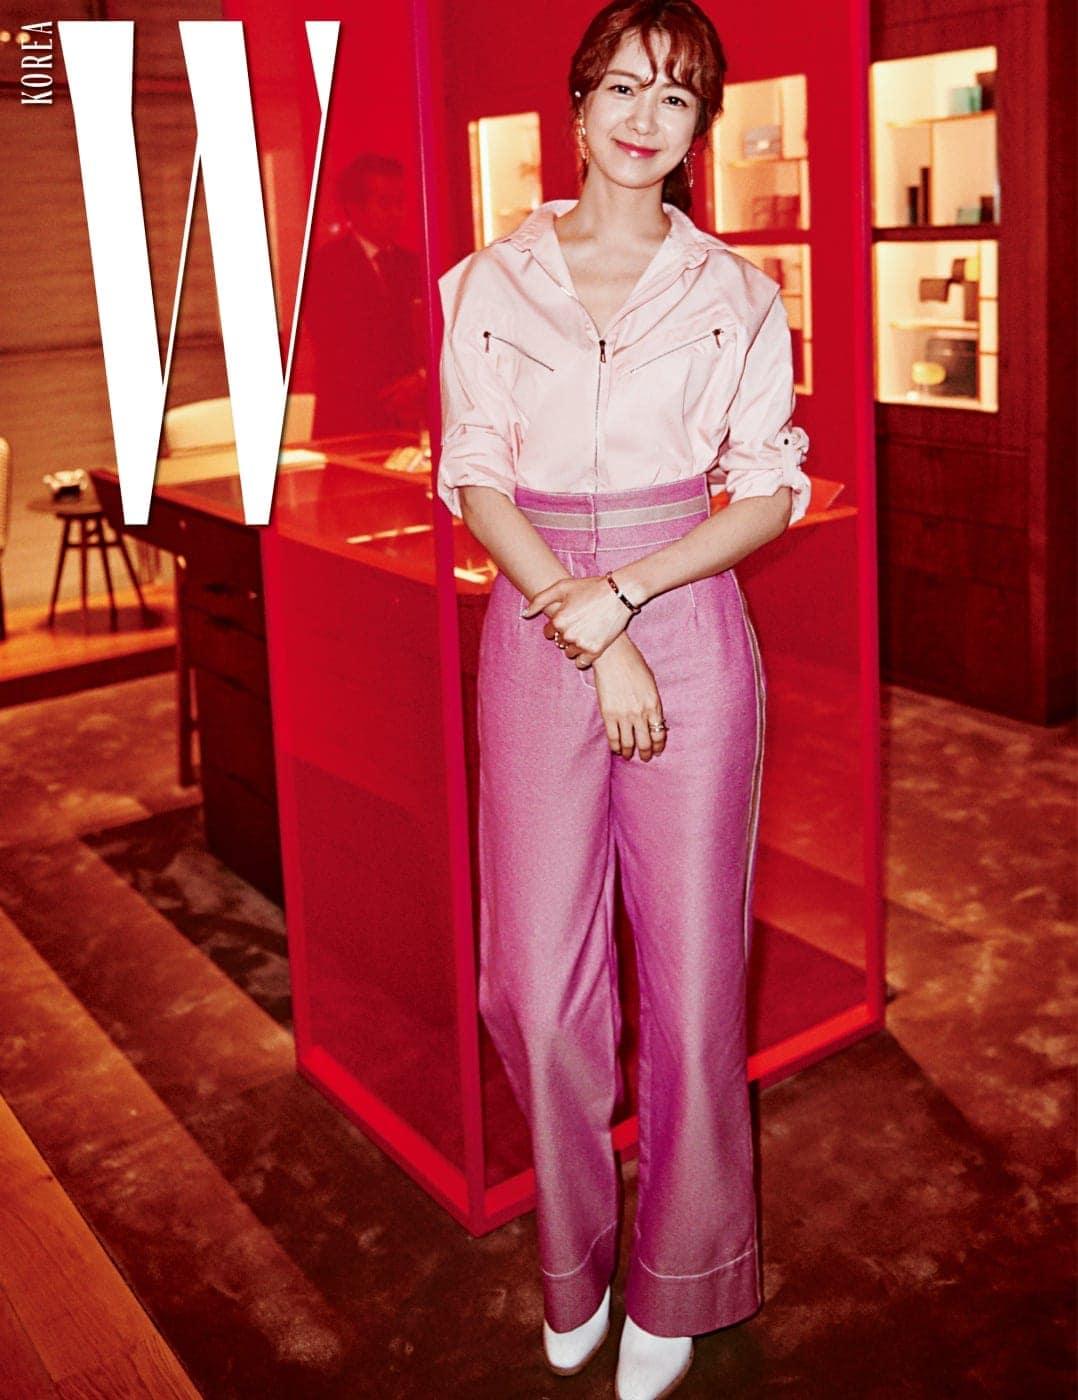 여성 컬렉션과 가죽 제품, VIP 라운지가 자리한 2층. 파티를 위해 설치된 분홍 스크린과 이요원의 분홍 의상이 잘 어울린다.